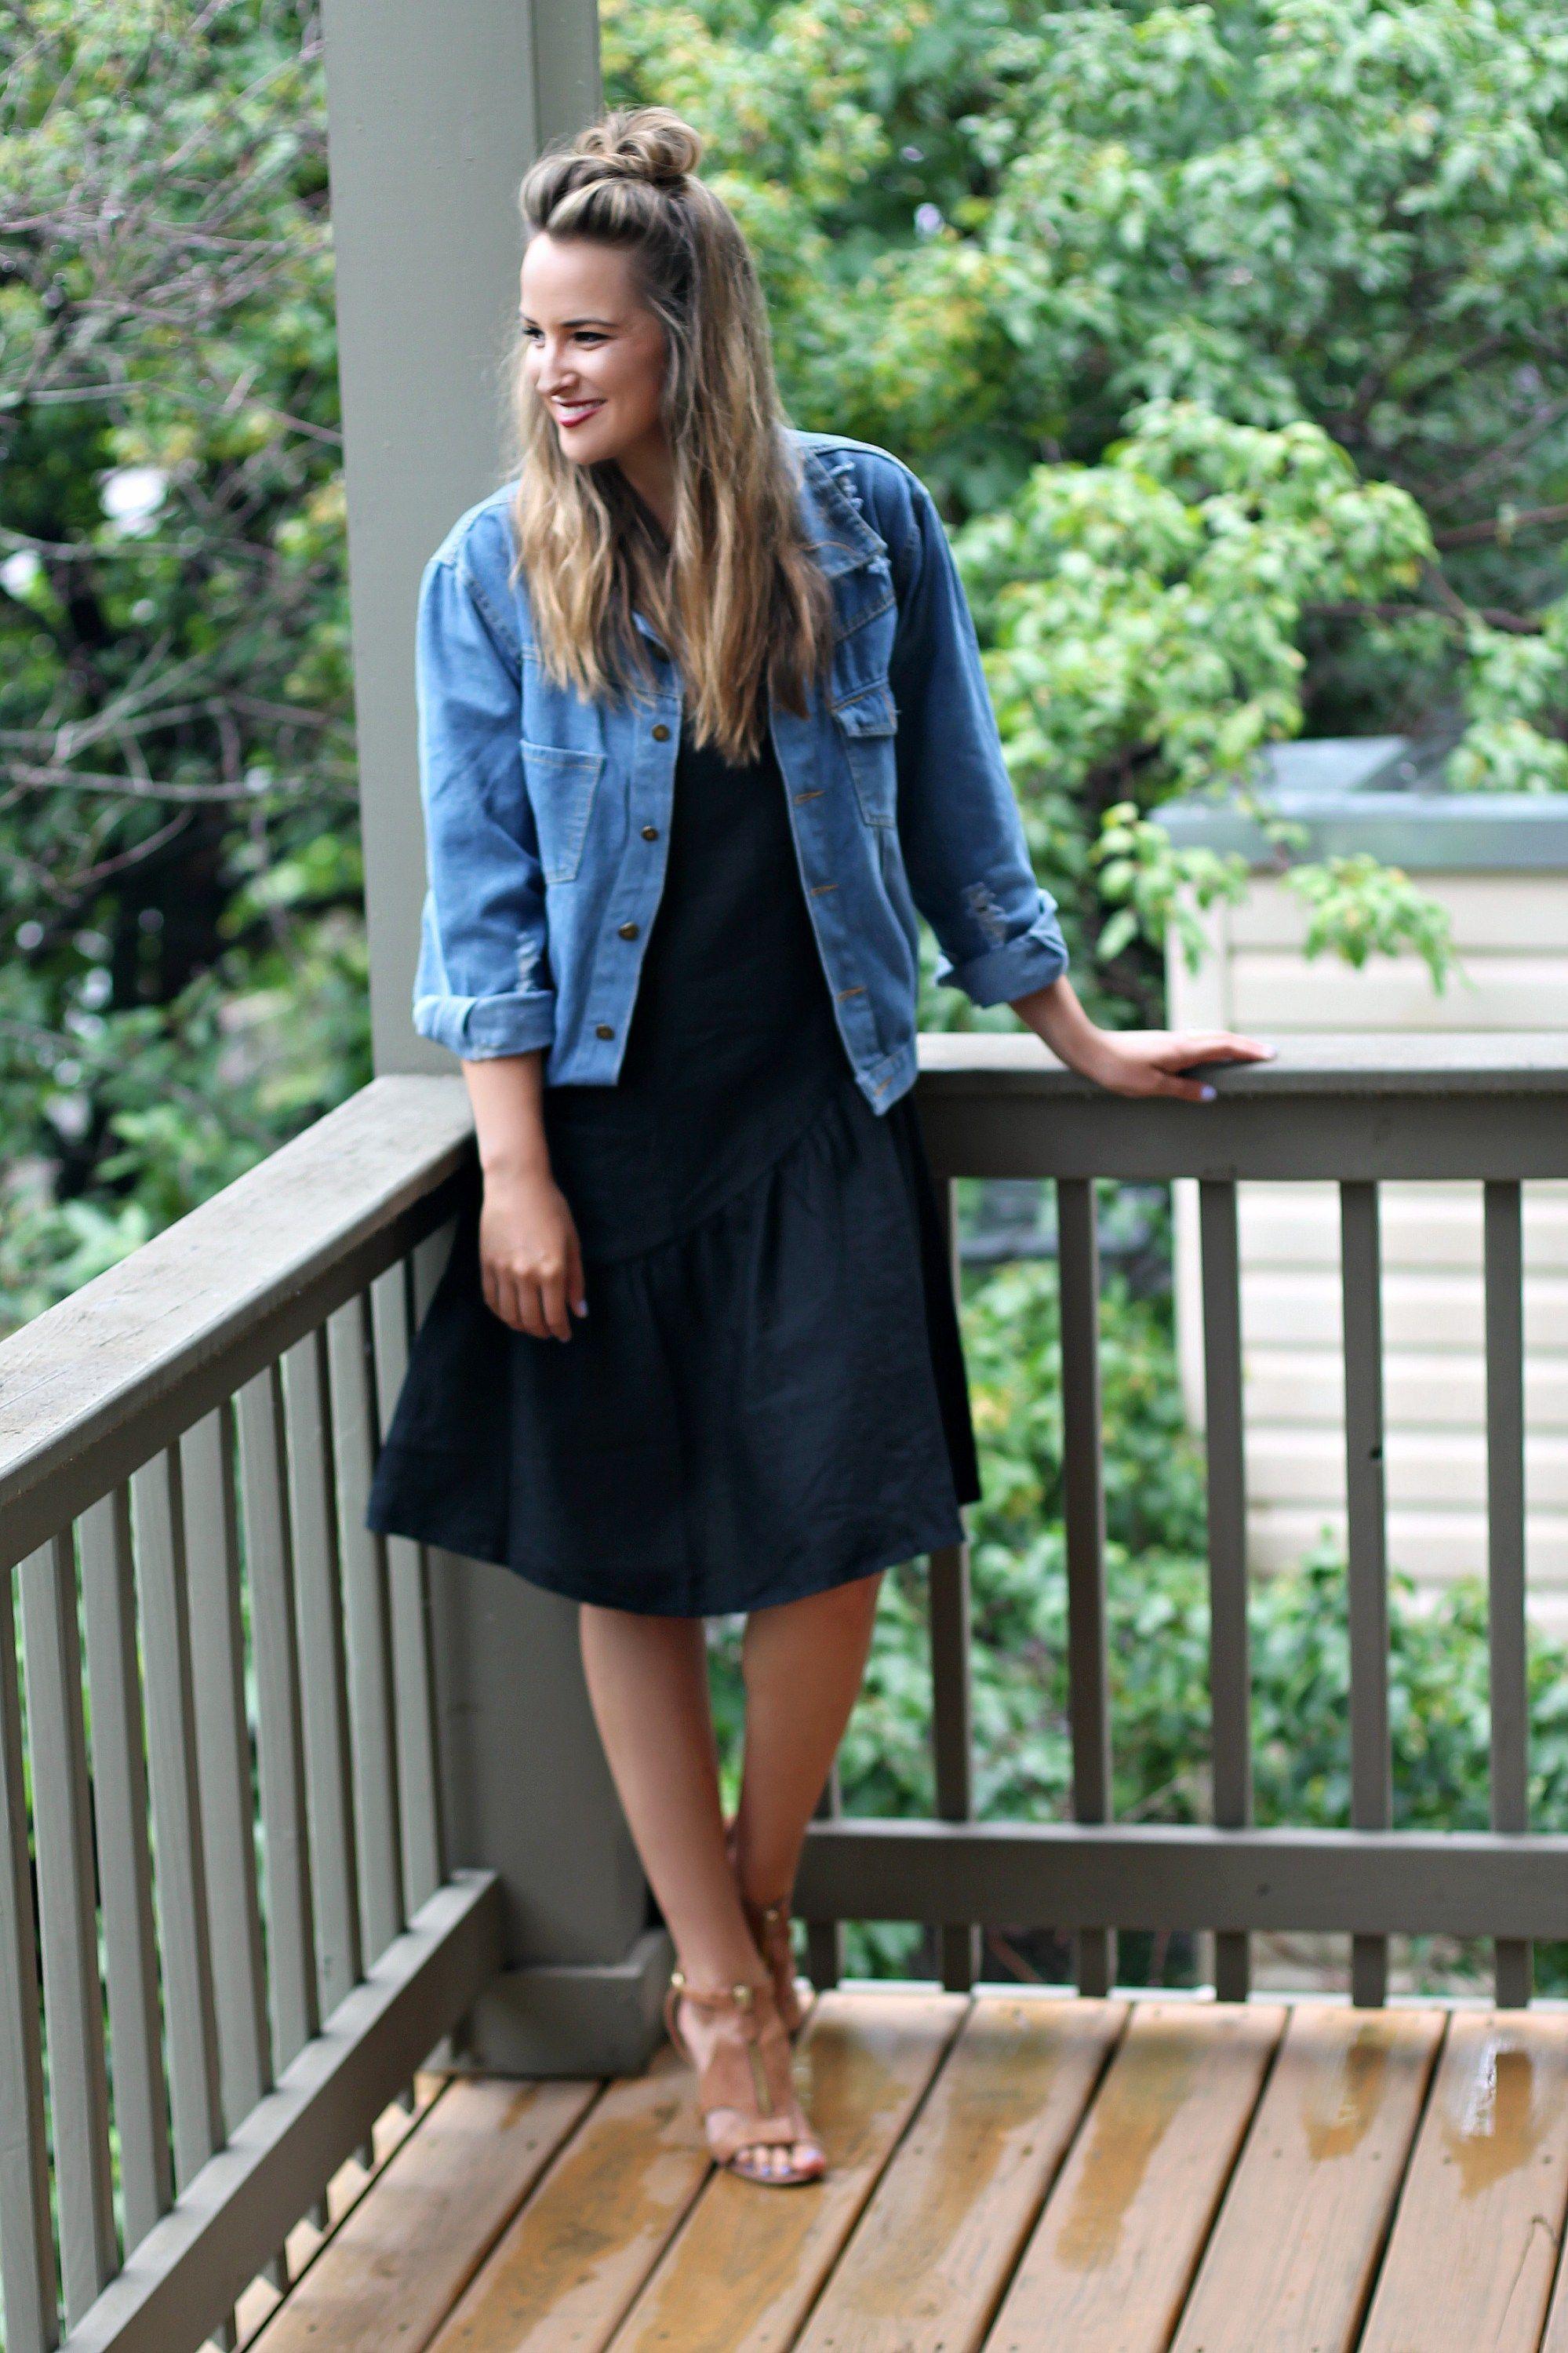 c7ebd7c479 Garnet Hill Linen  LexWhatWear  styleblogger  style  fashionblog  fashion   lookbook  nashvillestyle  nashvillefashion  nashvilleblogger  summerstyle  ...